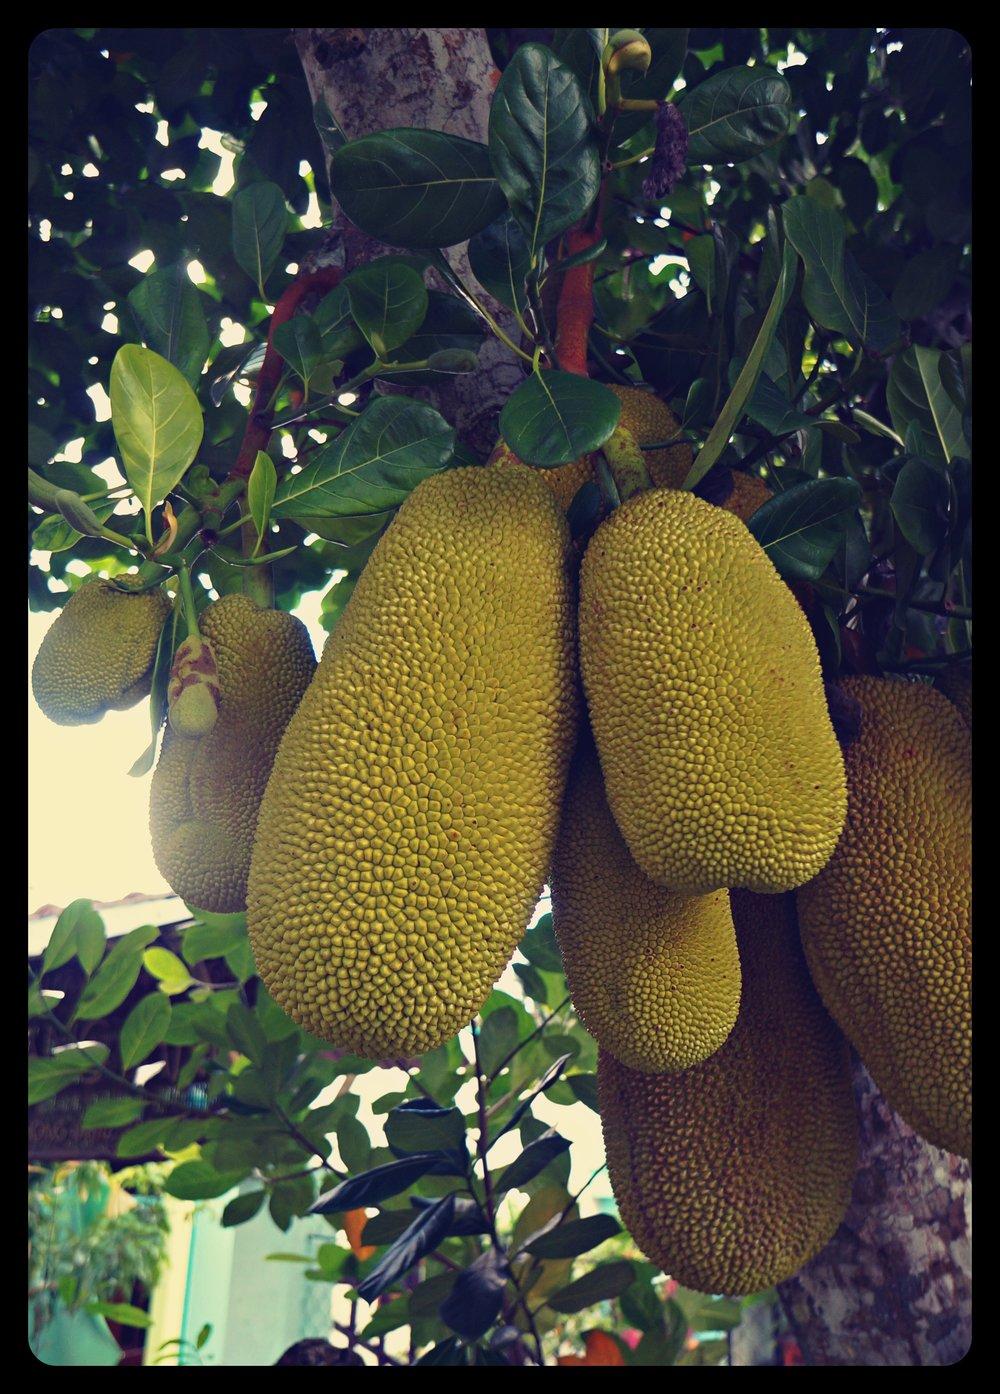 Jackfruit - największy owoc rosnący na drzewie